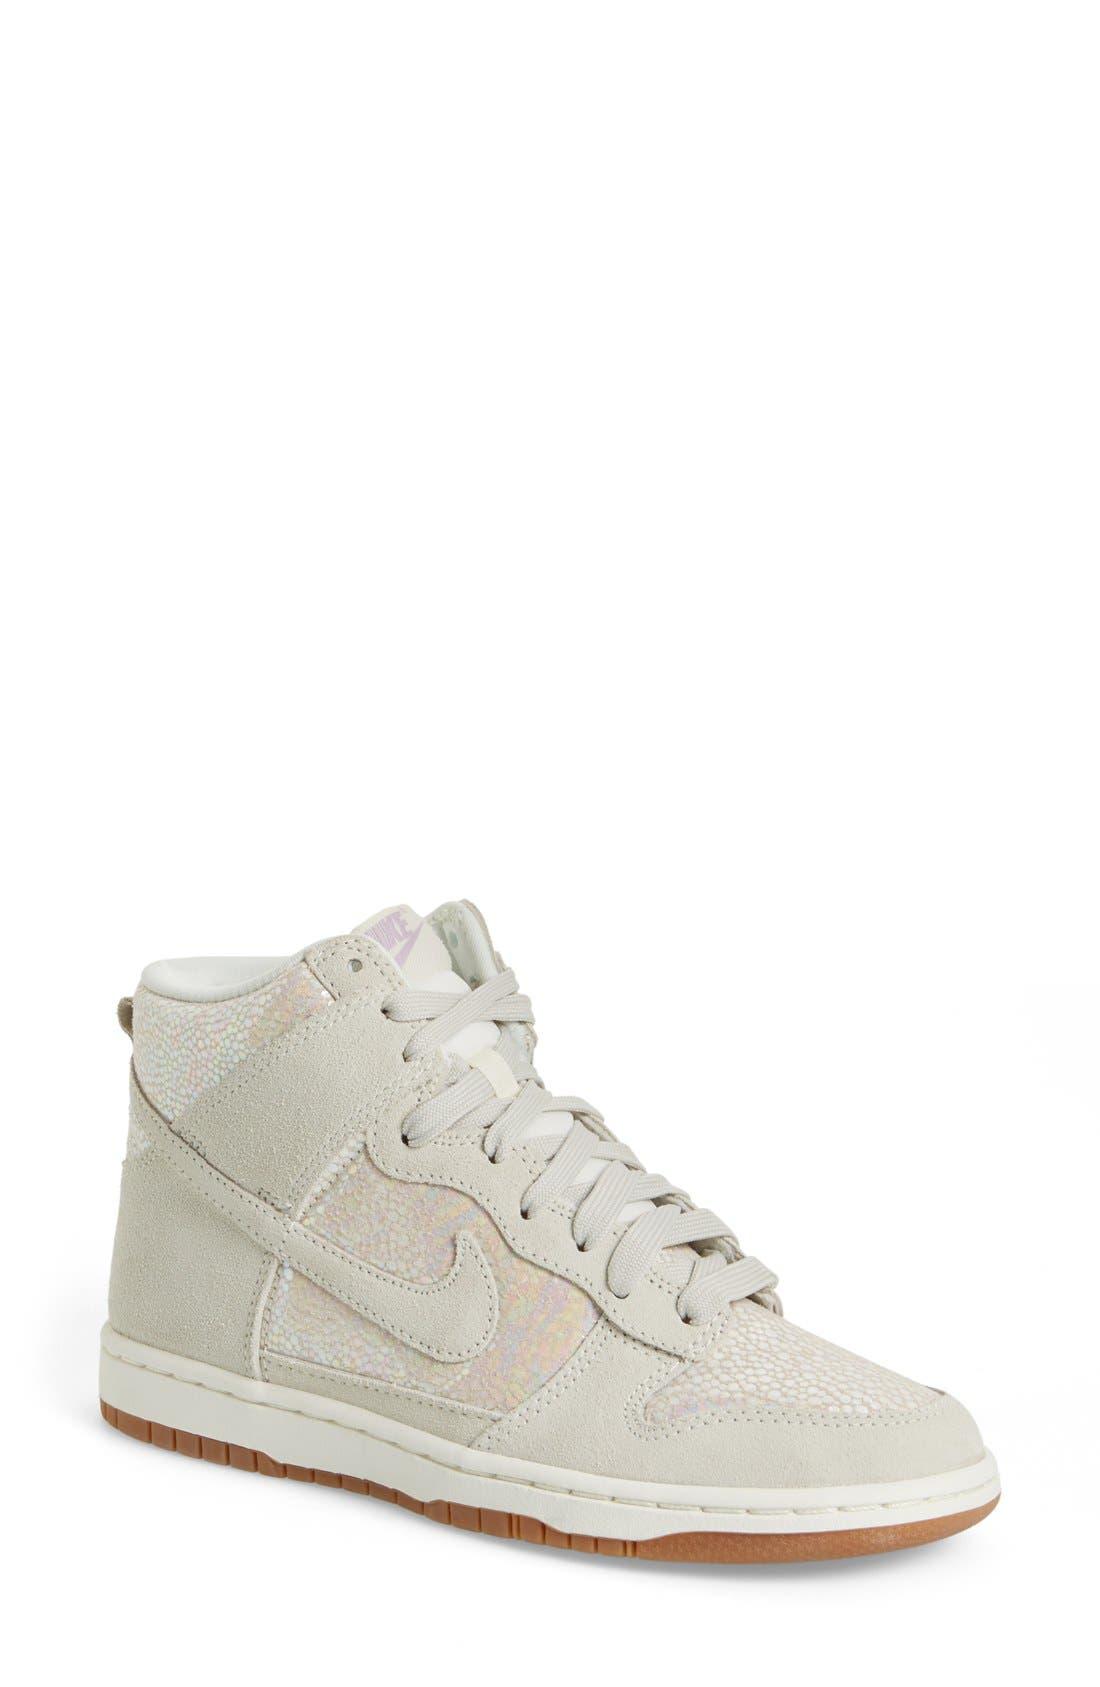 Main Image - Nike 'Dunk High' Sneaker (Women)